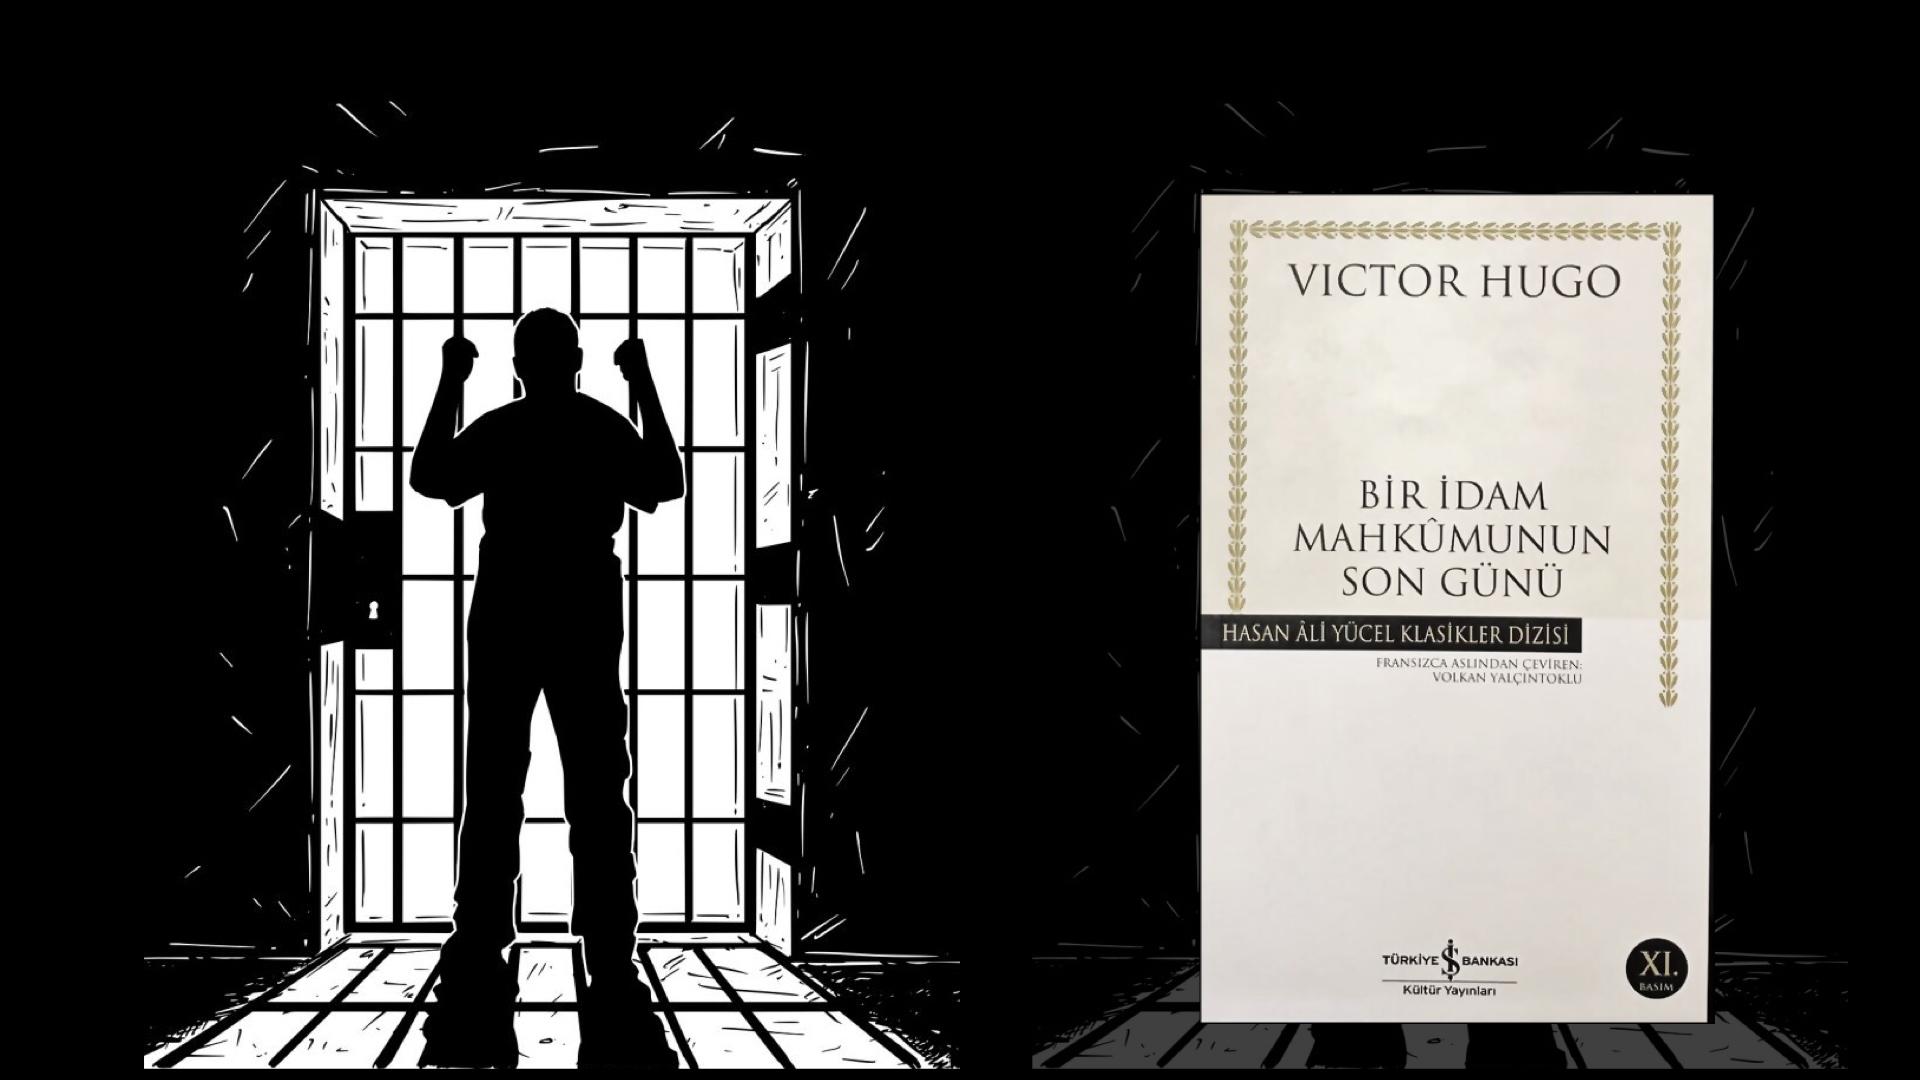 Kitap: Bir İdam Mahkumunun Son Günü | Yazar: Victor Hugo | Yorumlayan: Hülya Erarslan